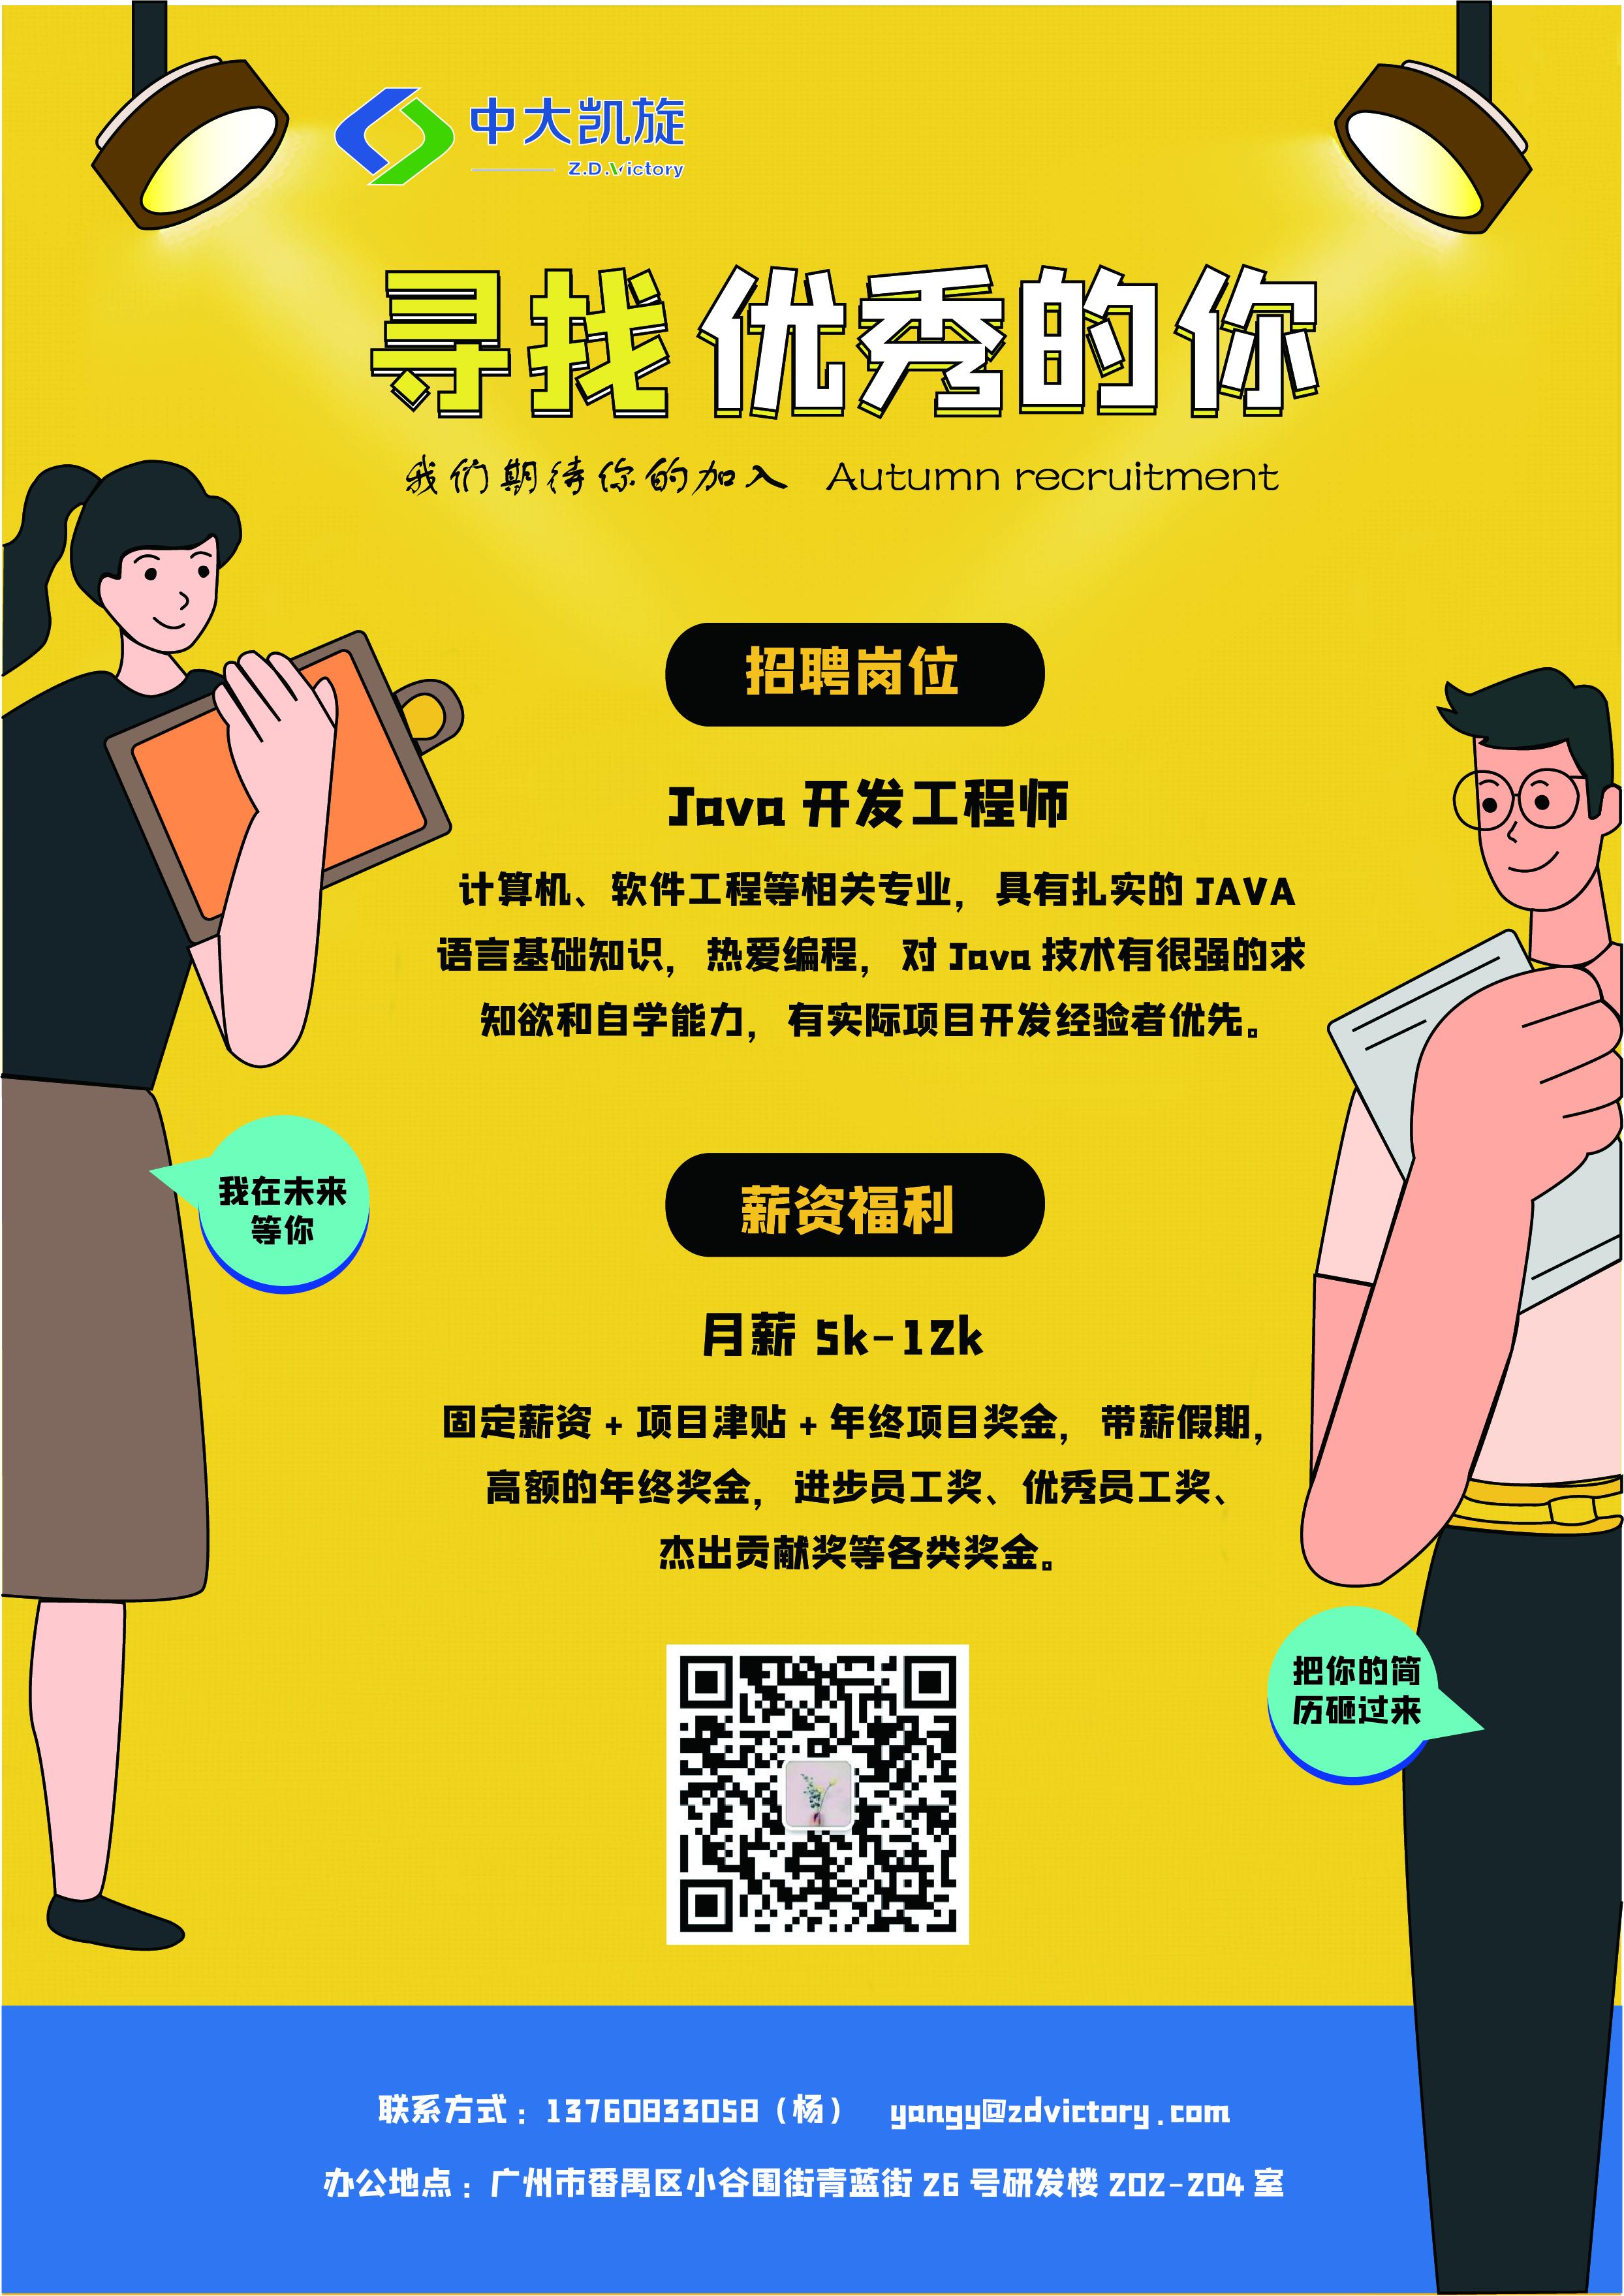 广州中大凯旋电子科技有限公司宣讲会